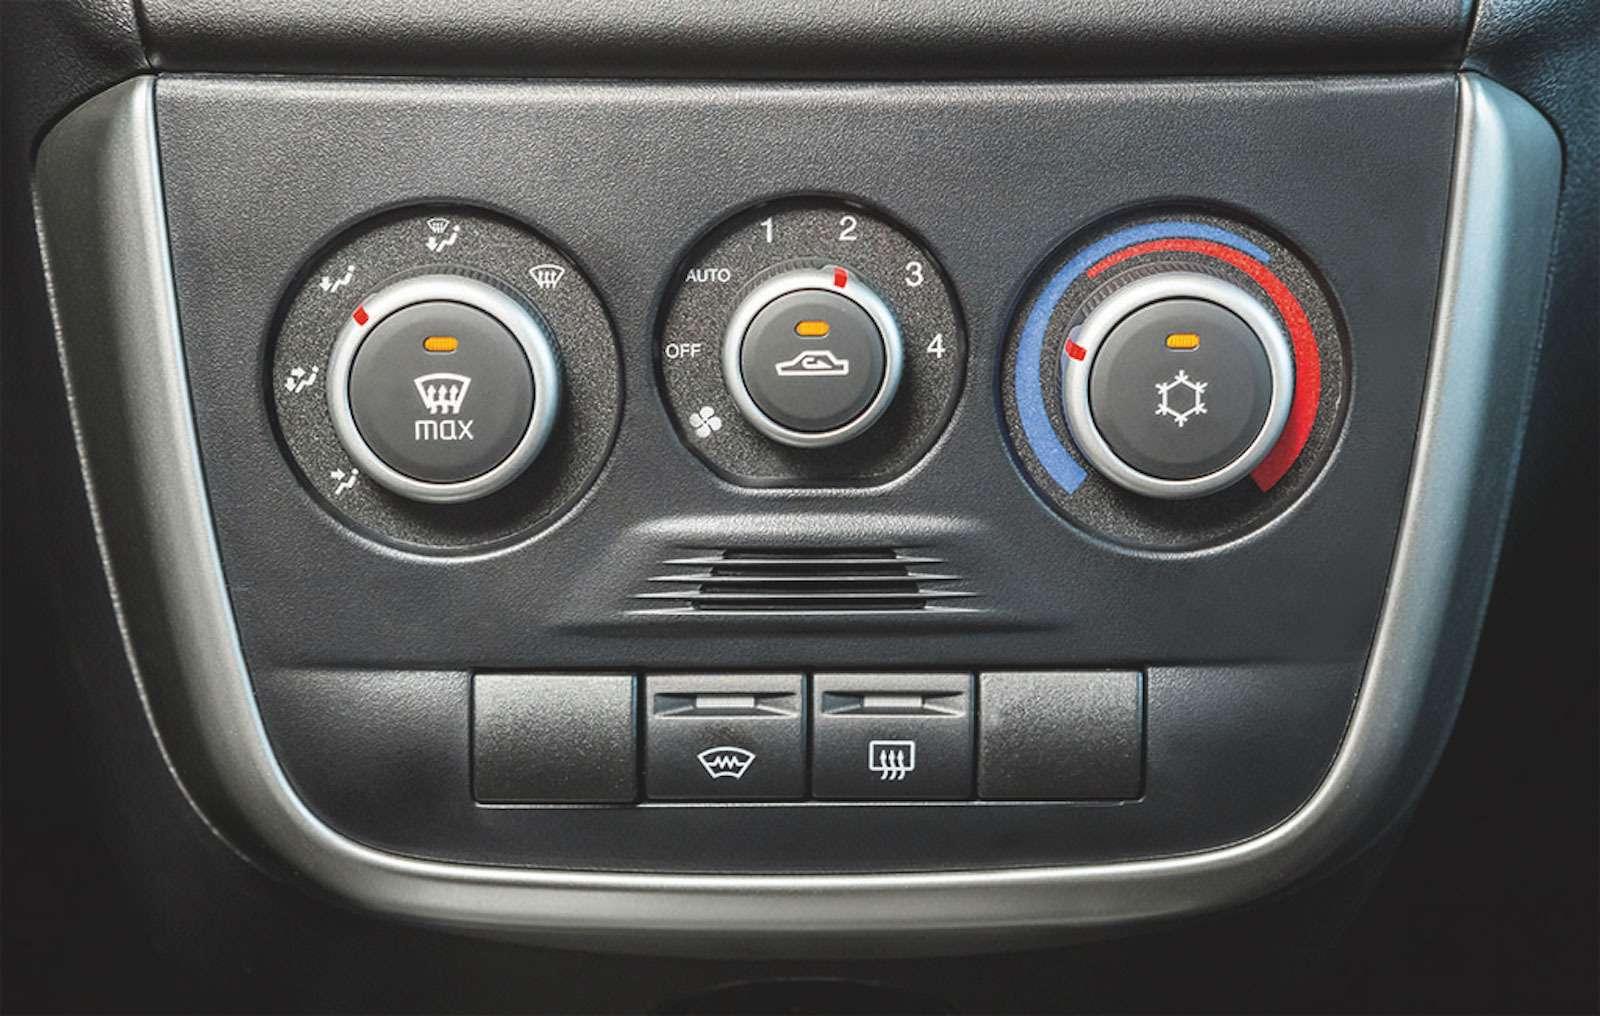 Обновленная Lada Granta представлена официально. Инет, она не подорожала!— фото 899624